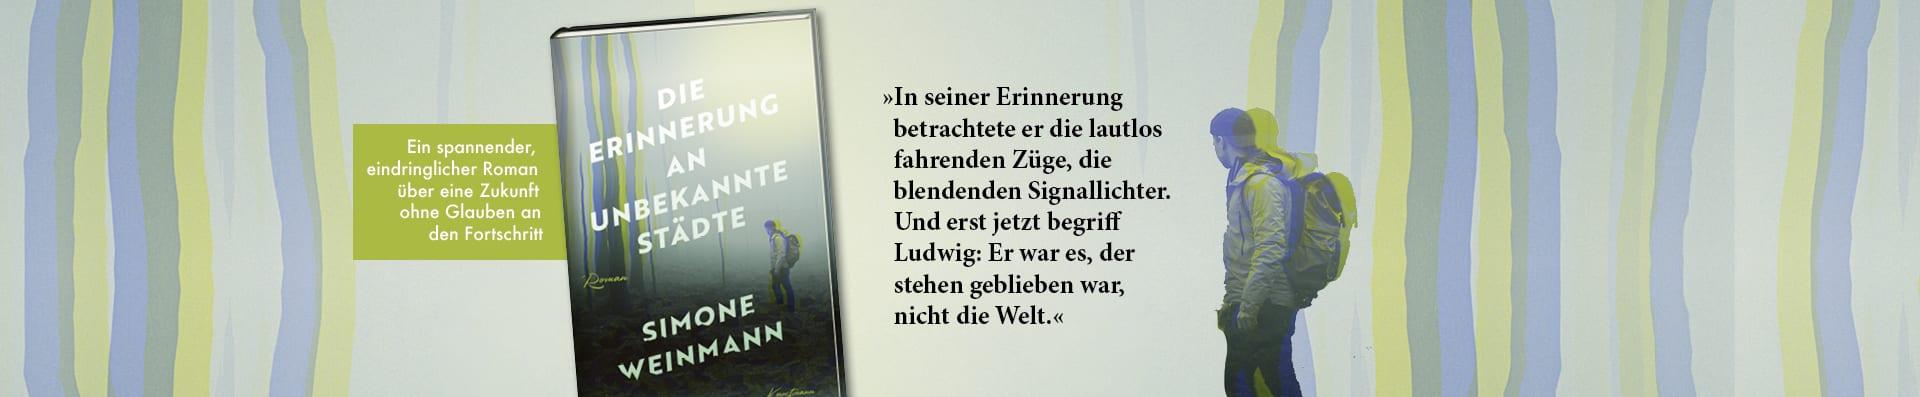 Simone Weinmann – Die Erinnerung an unbekannte Städte